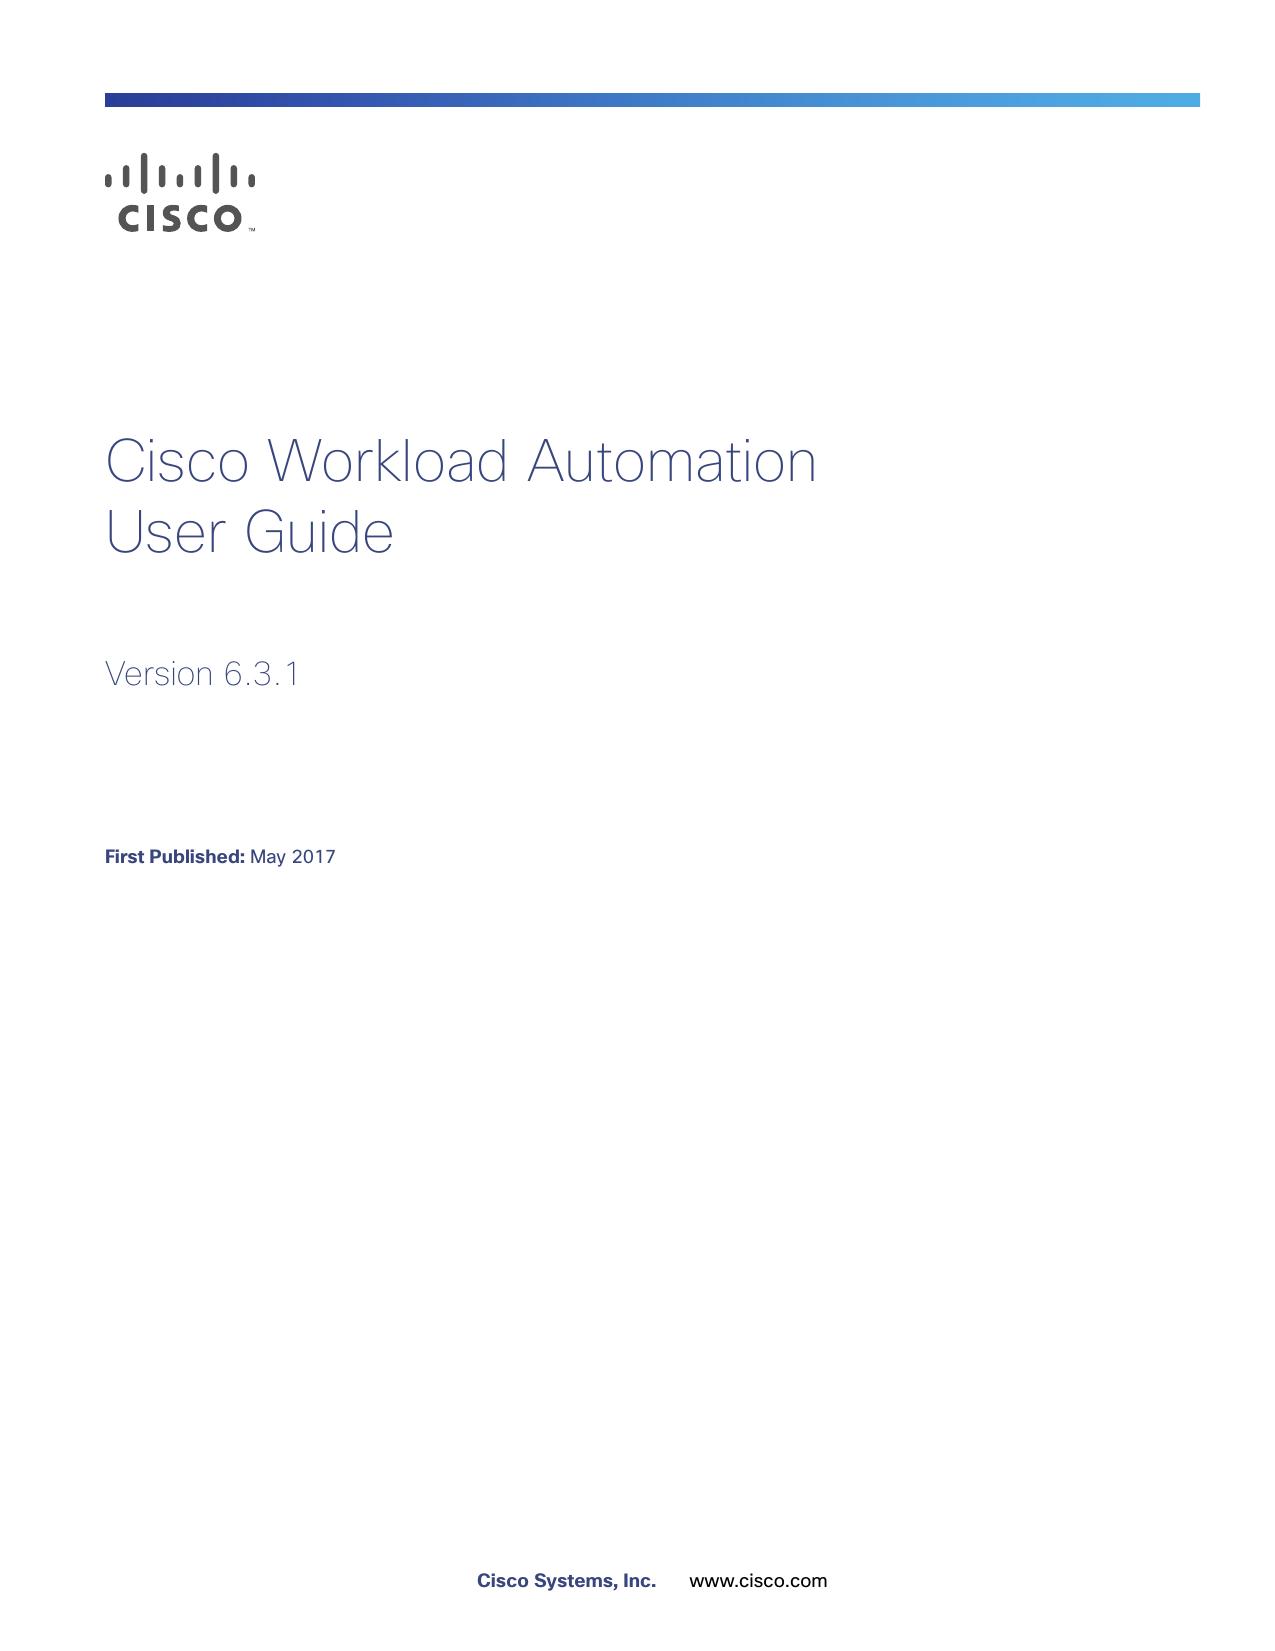 Cisco Workload Automation 6 3 1 User Guide   manualzz com